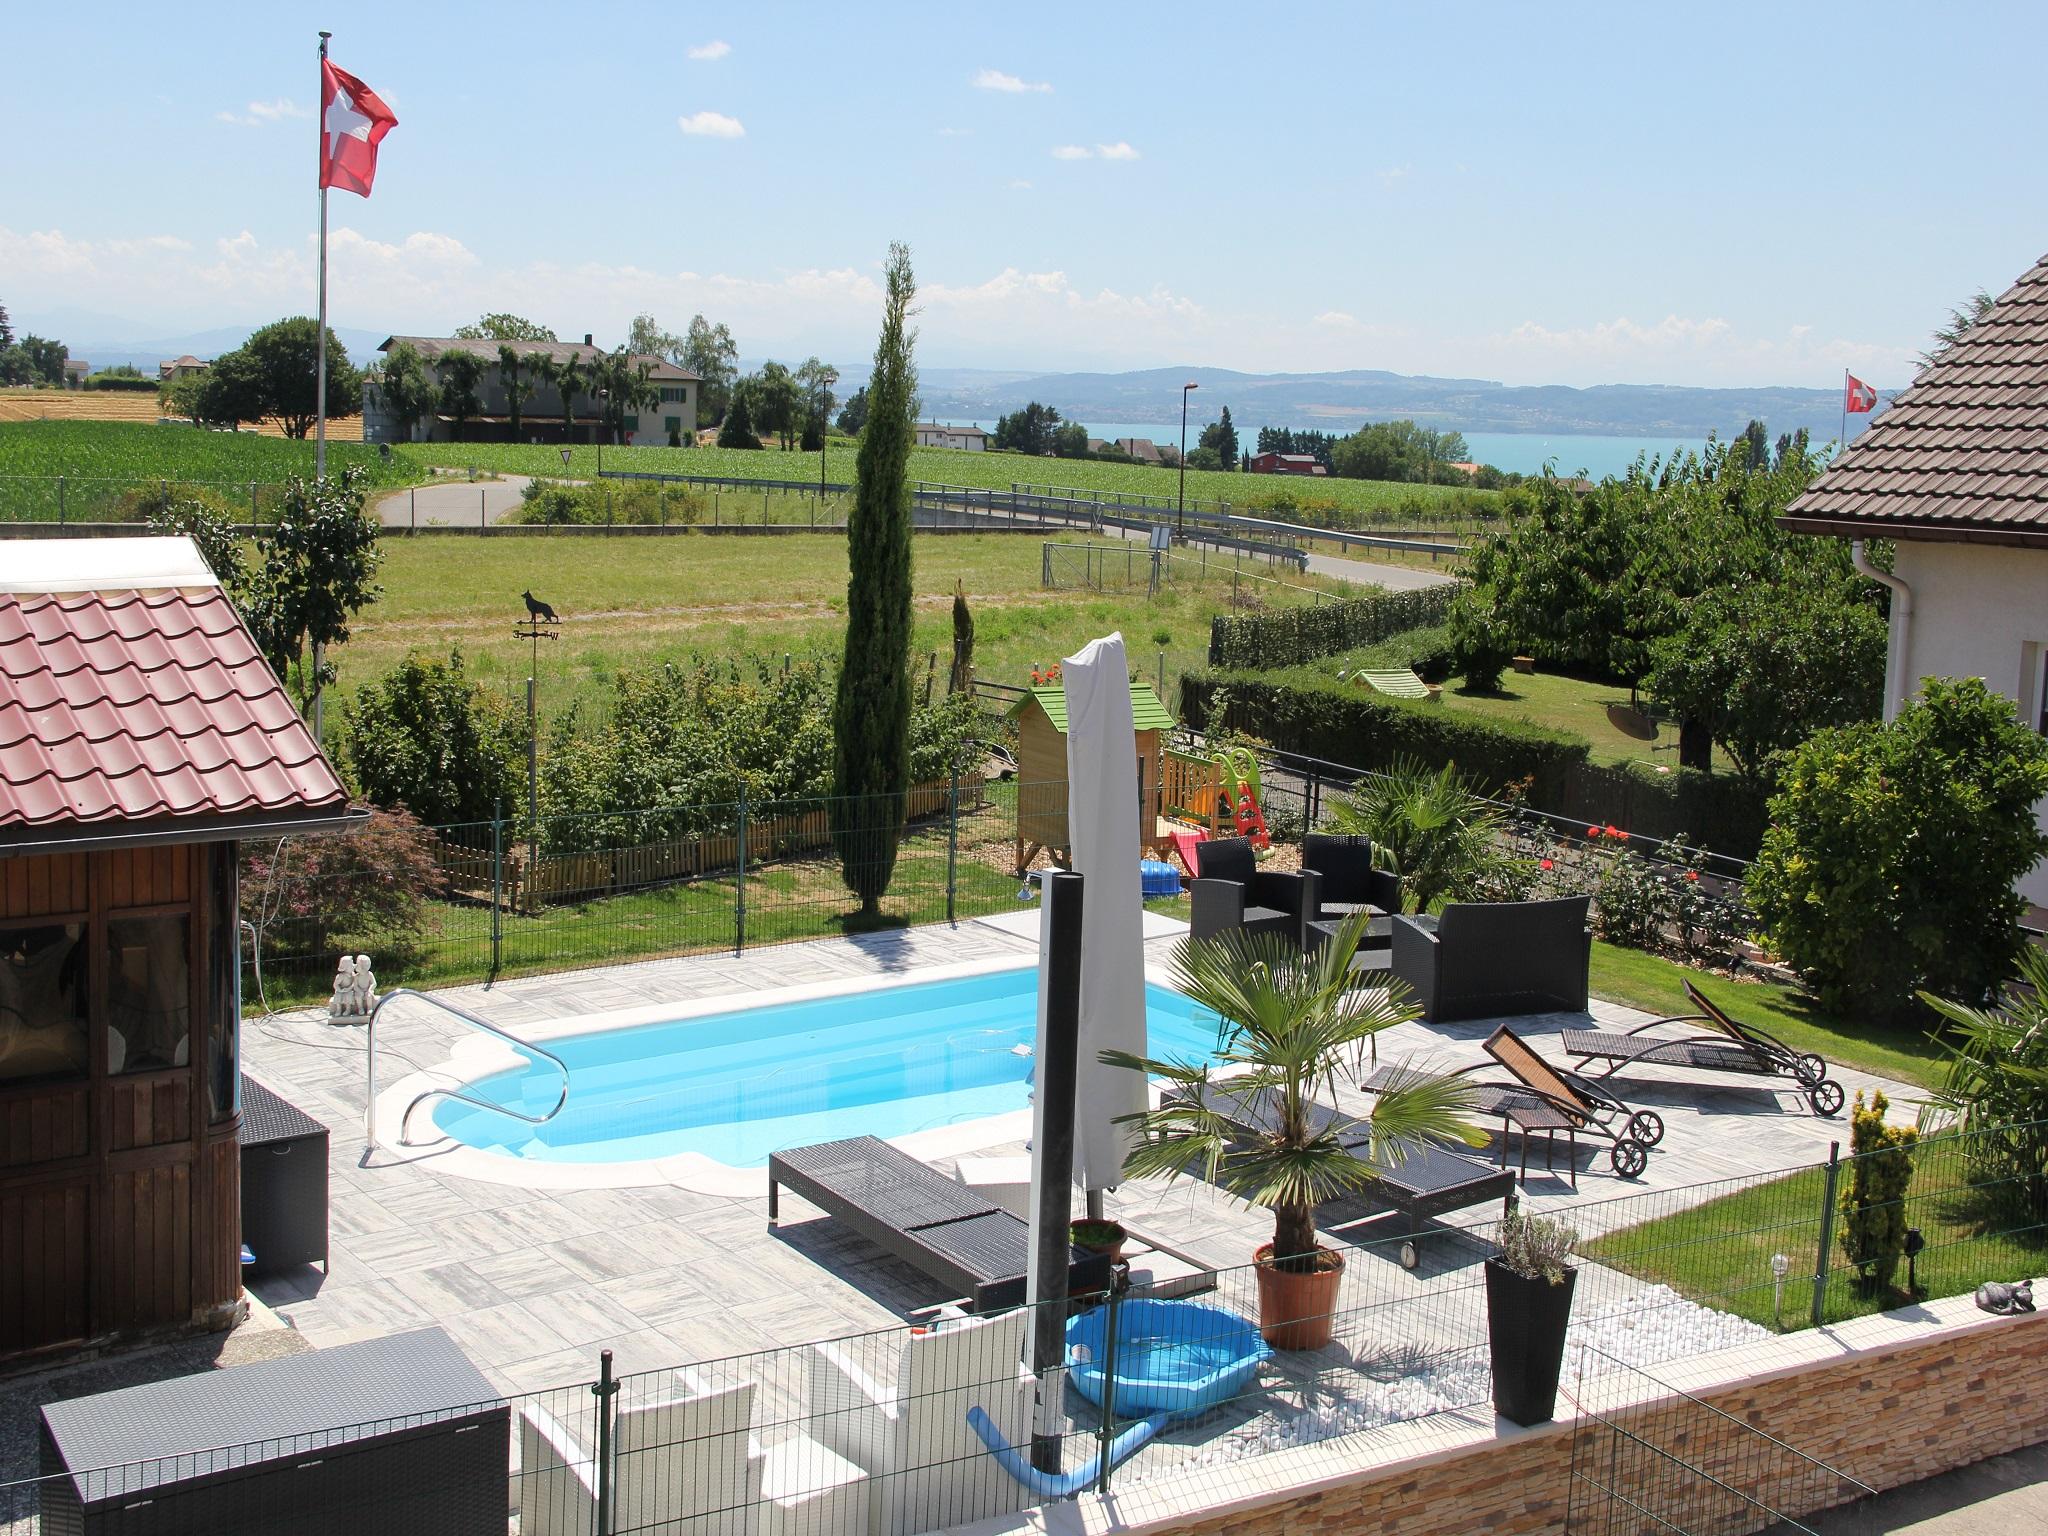 Appartement de vacances relaxe zu Hause ds 3pc oder im Studio eingerichteter Whirlpool und Pool im Somme (2520436), Bevaix, Lac de Neuchâtel, Jura - Neuchâtel, Suisse, image 9